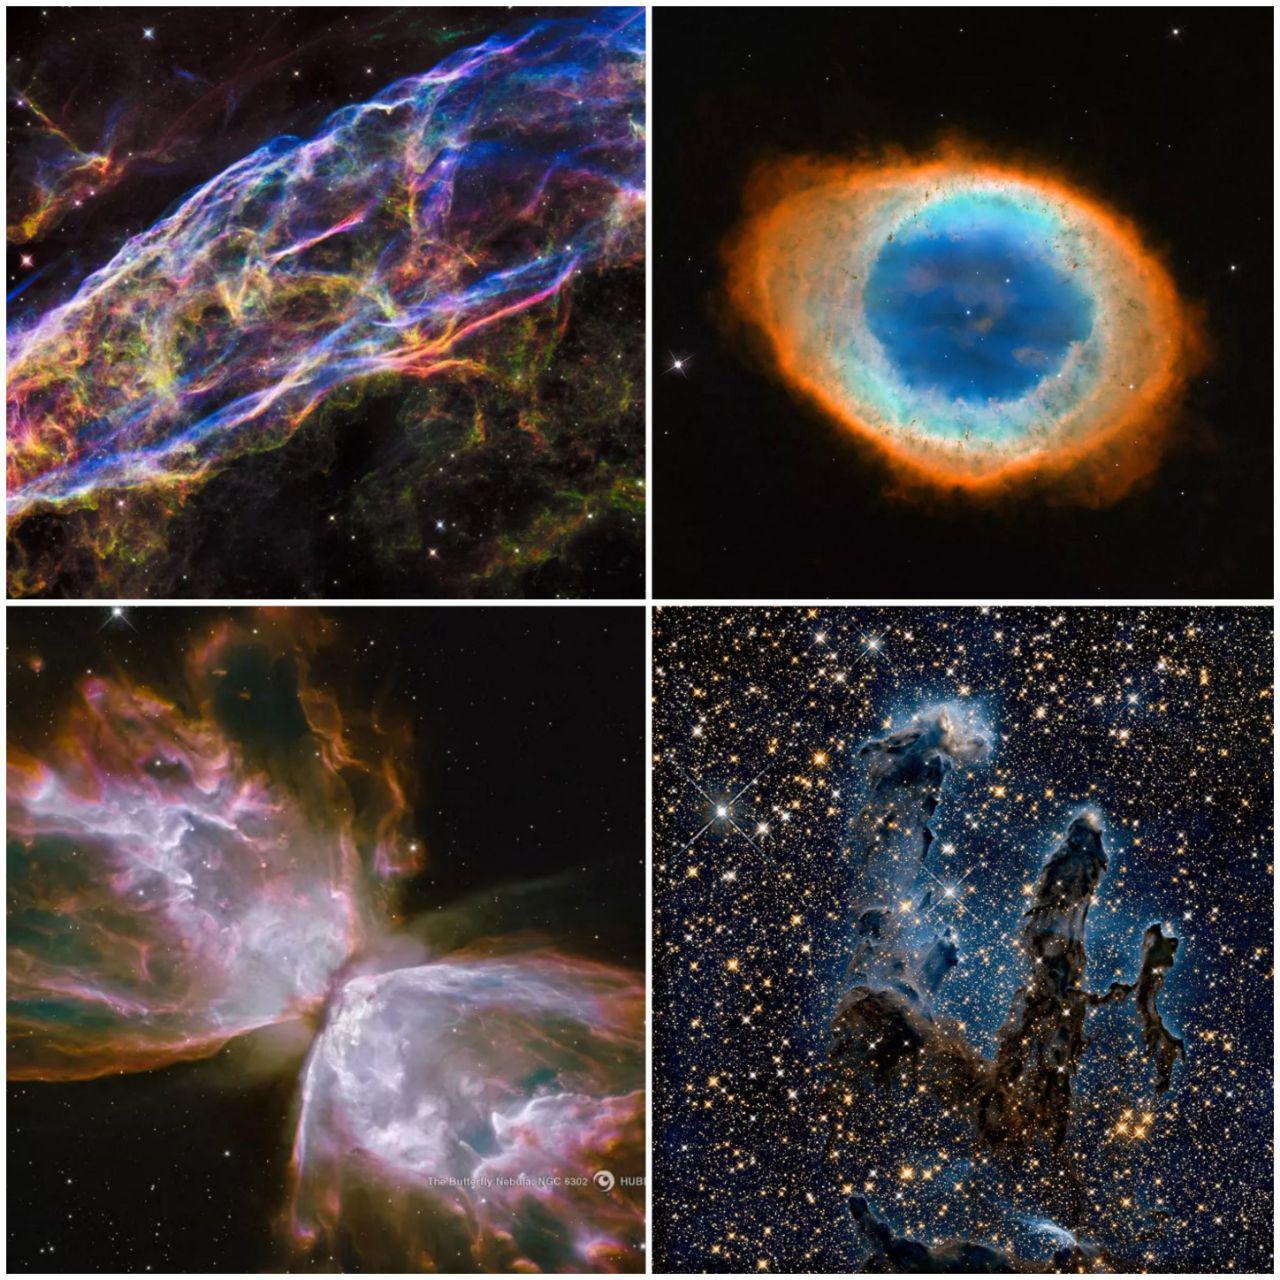 ببینید | بخشی از زیباییهای آسمان شکار شده توسط تلسکوپ هابل